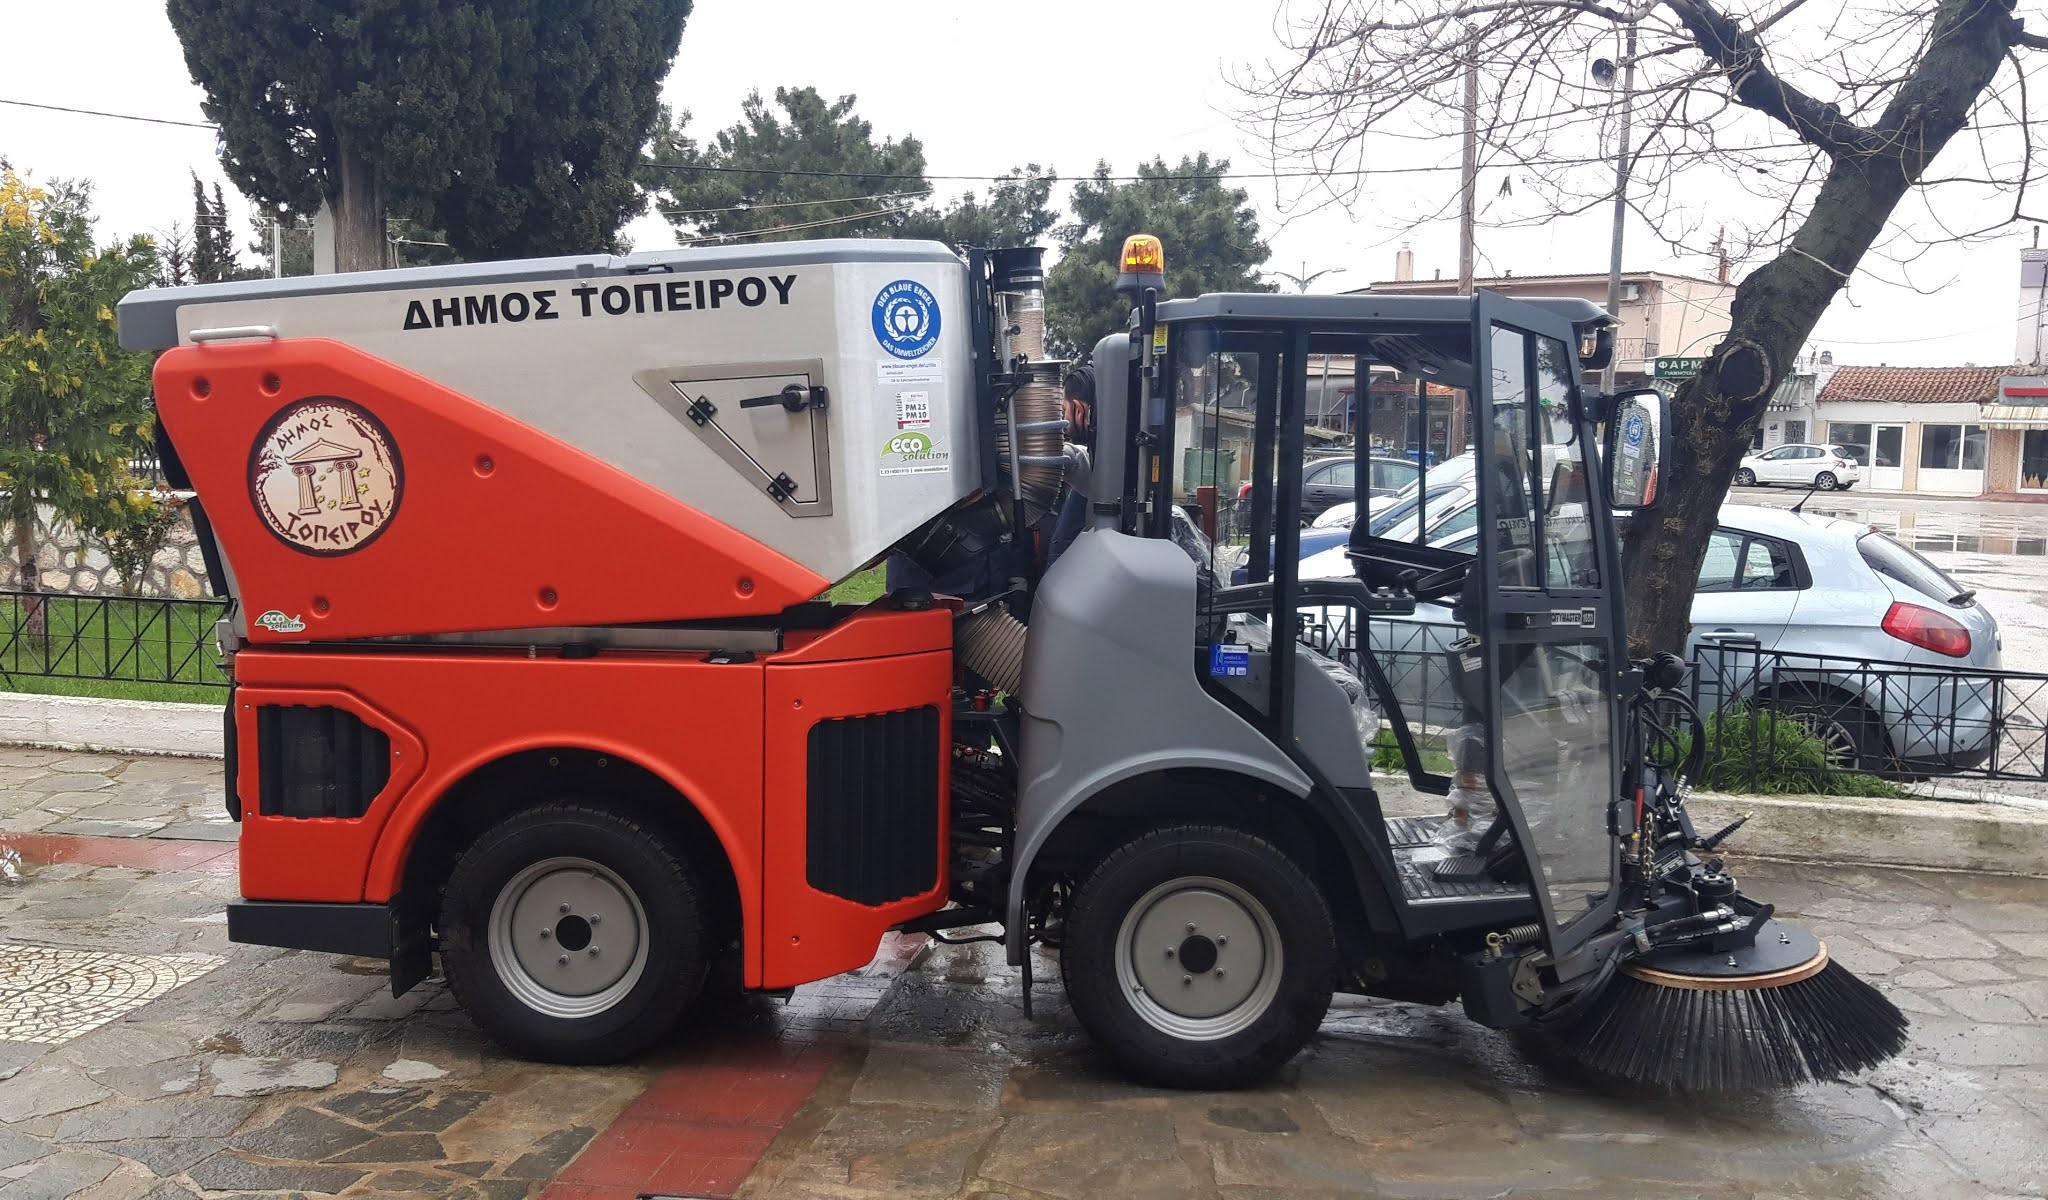 Σύγχρονο αναρροφητικό σάρωθρο απέκτησε ο Δήμος Τοπείρου